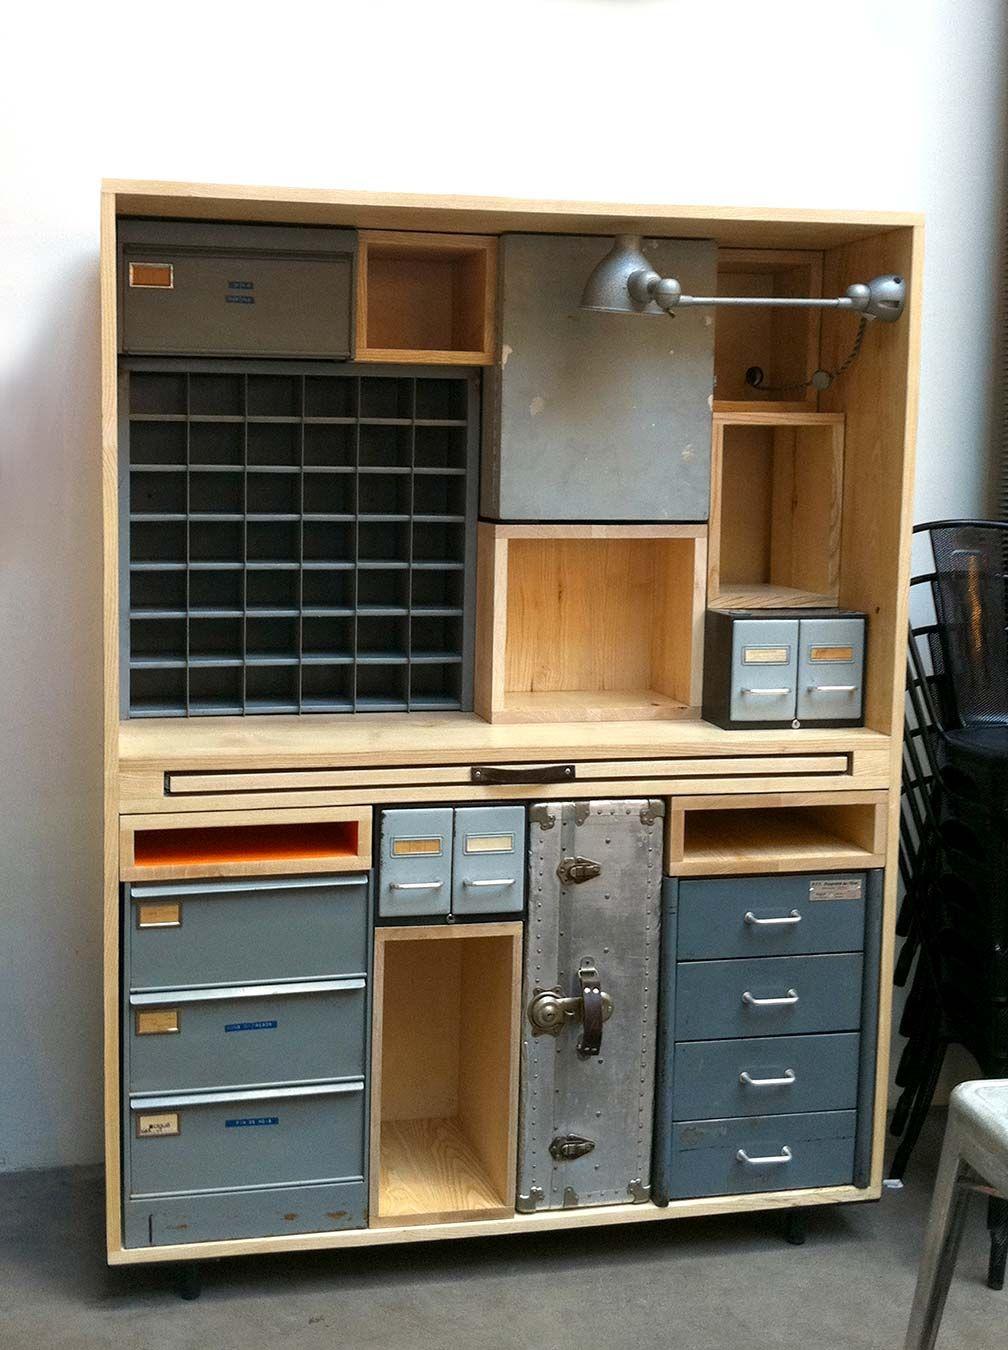 Para mis herramientas carpinteria pinterest taller garaje y muebles - Muebles de garaje ...